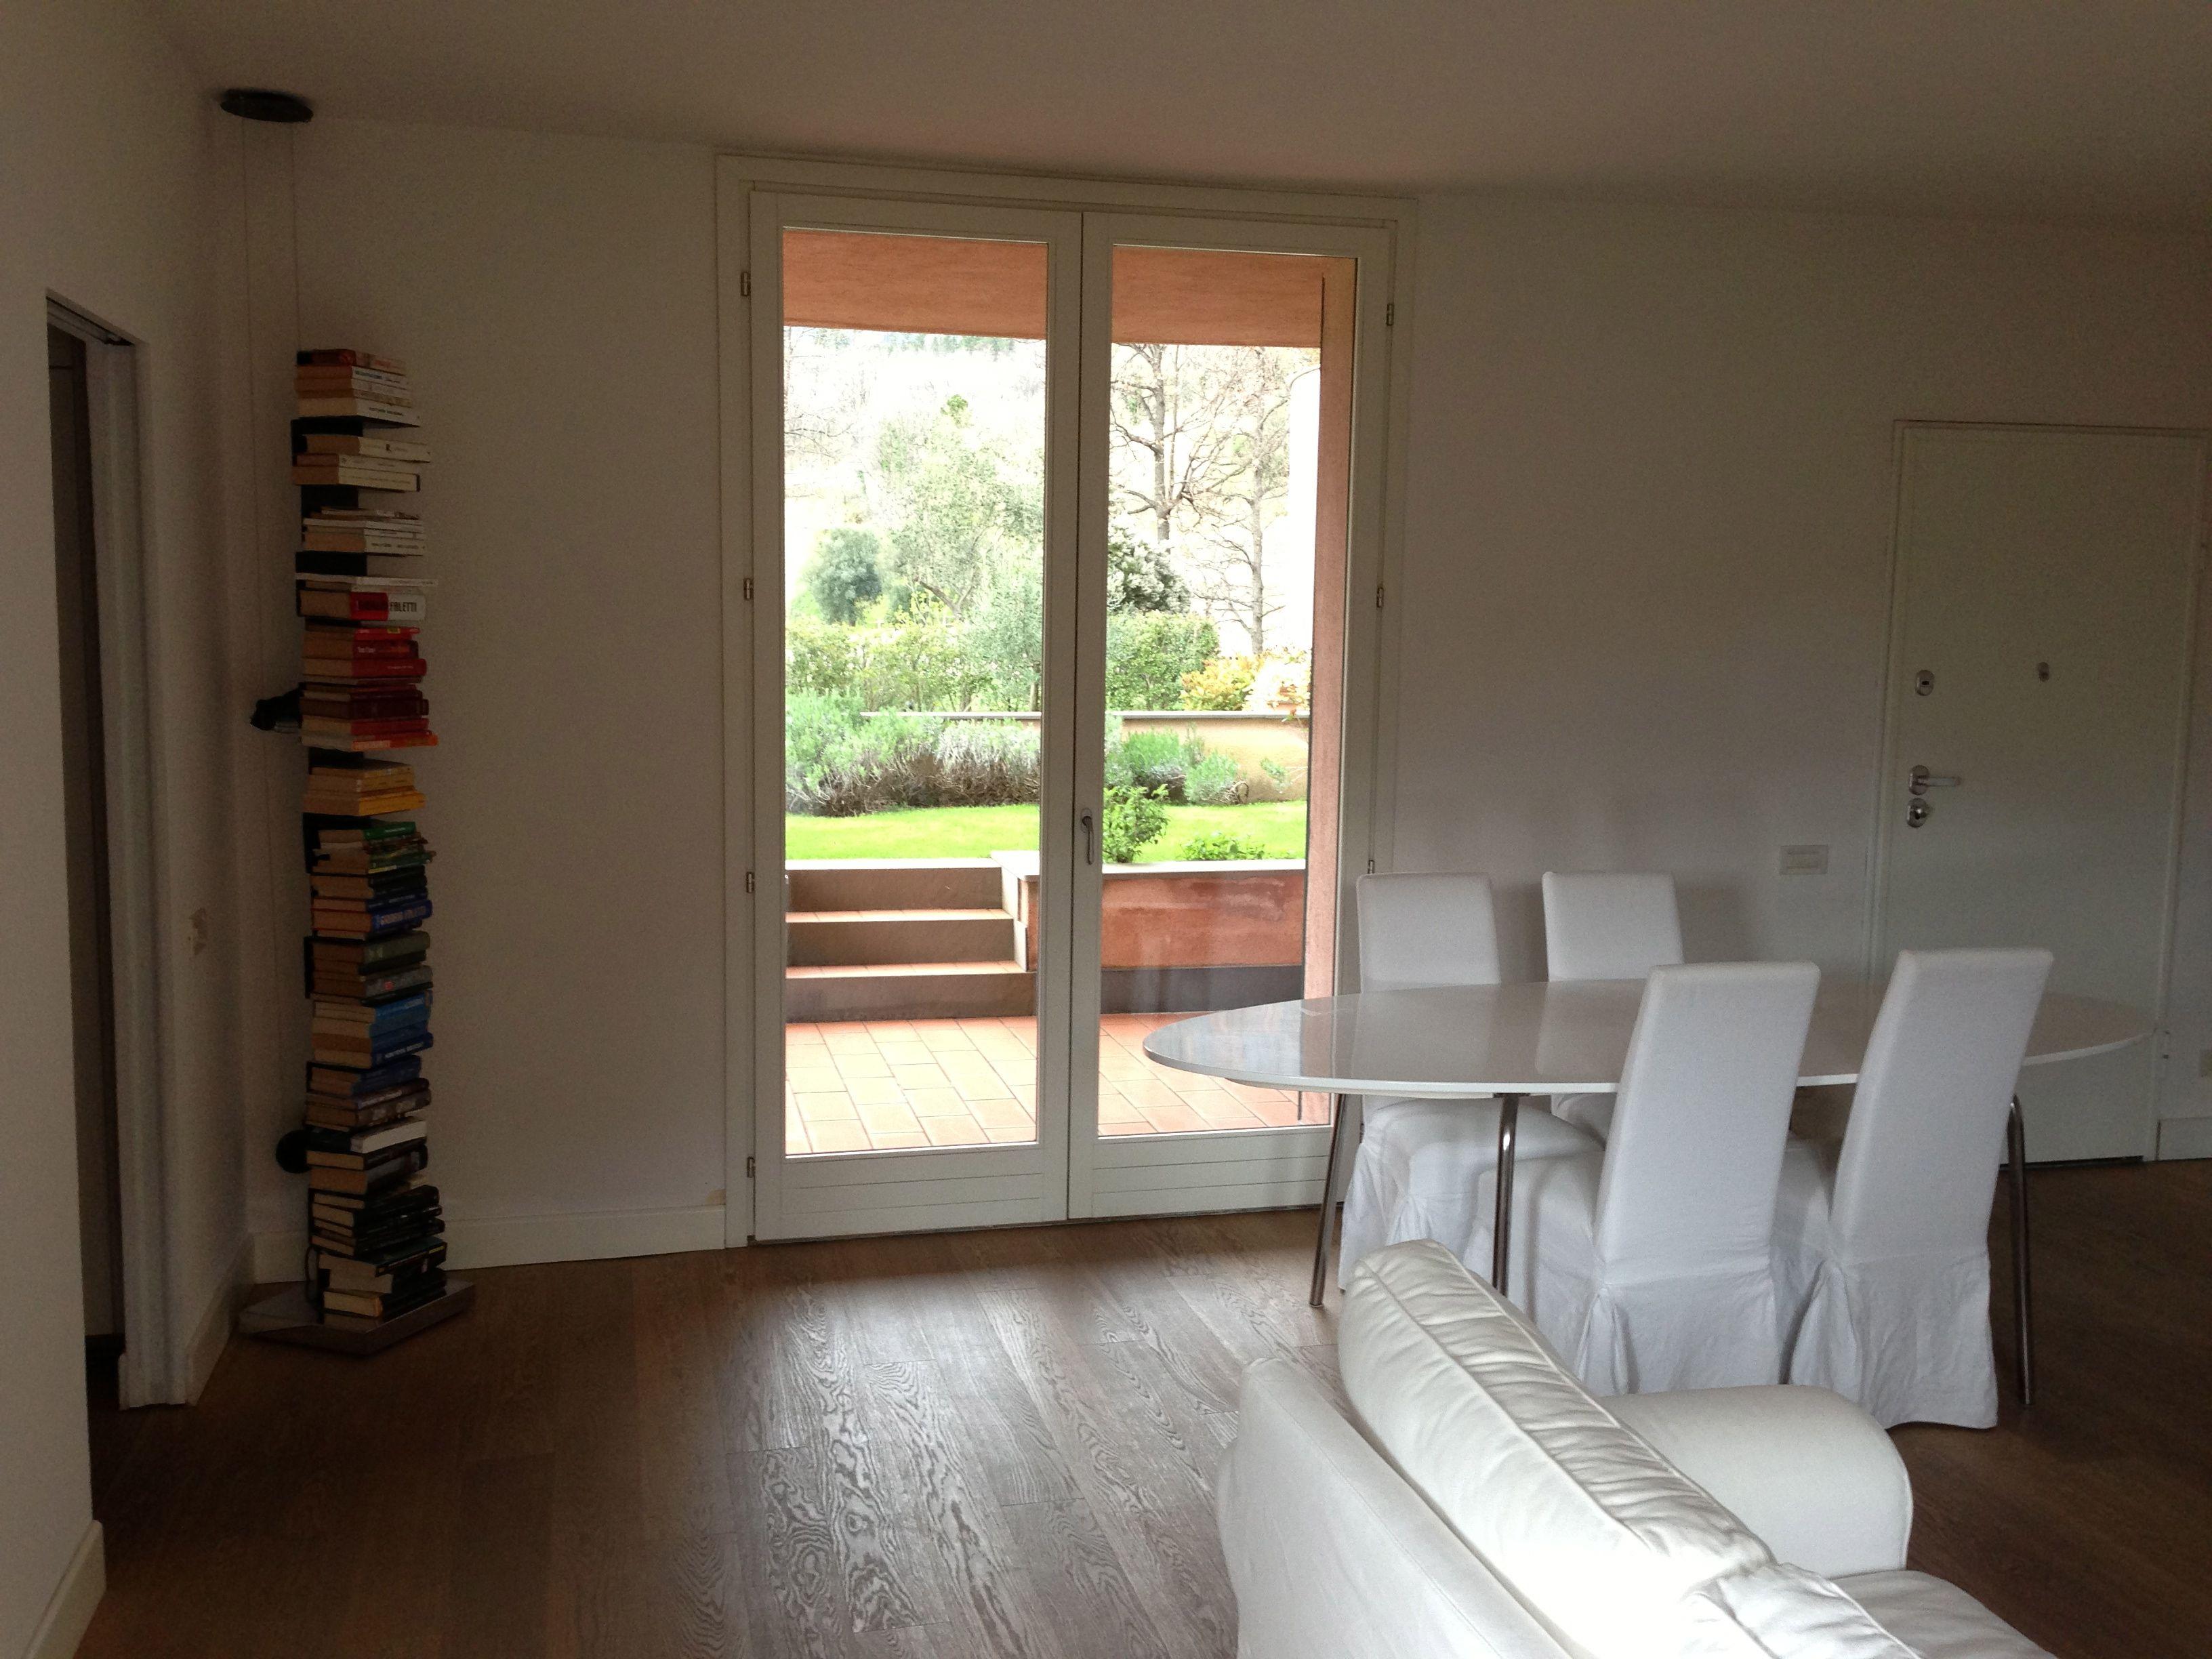 Soggiorno con porta finestra sul lato loggia e giardino ingresso